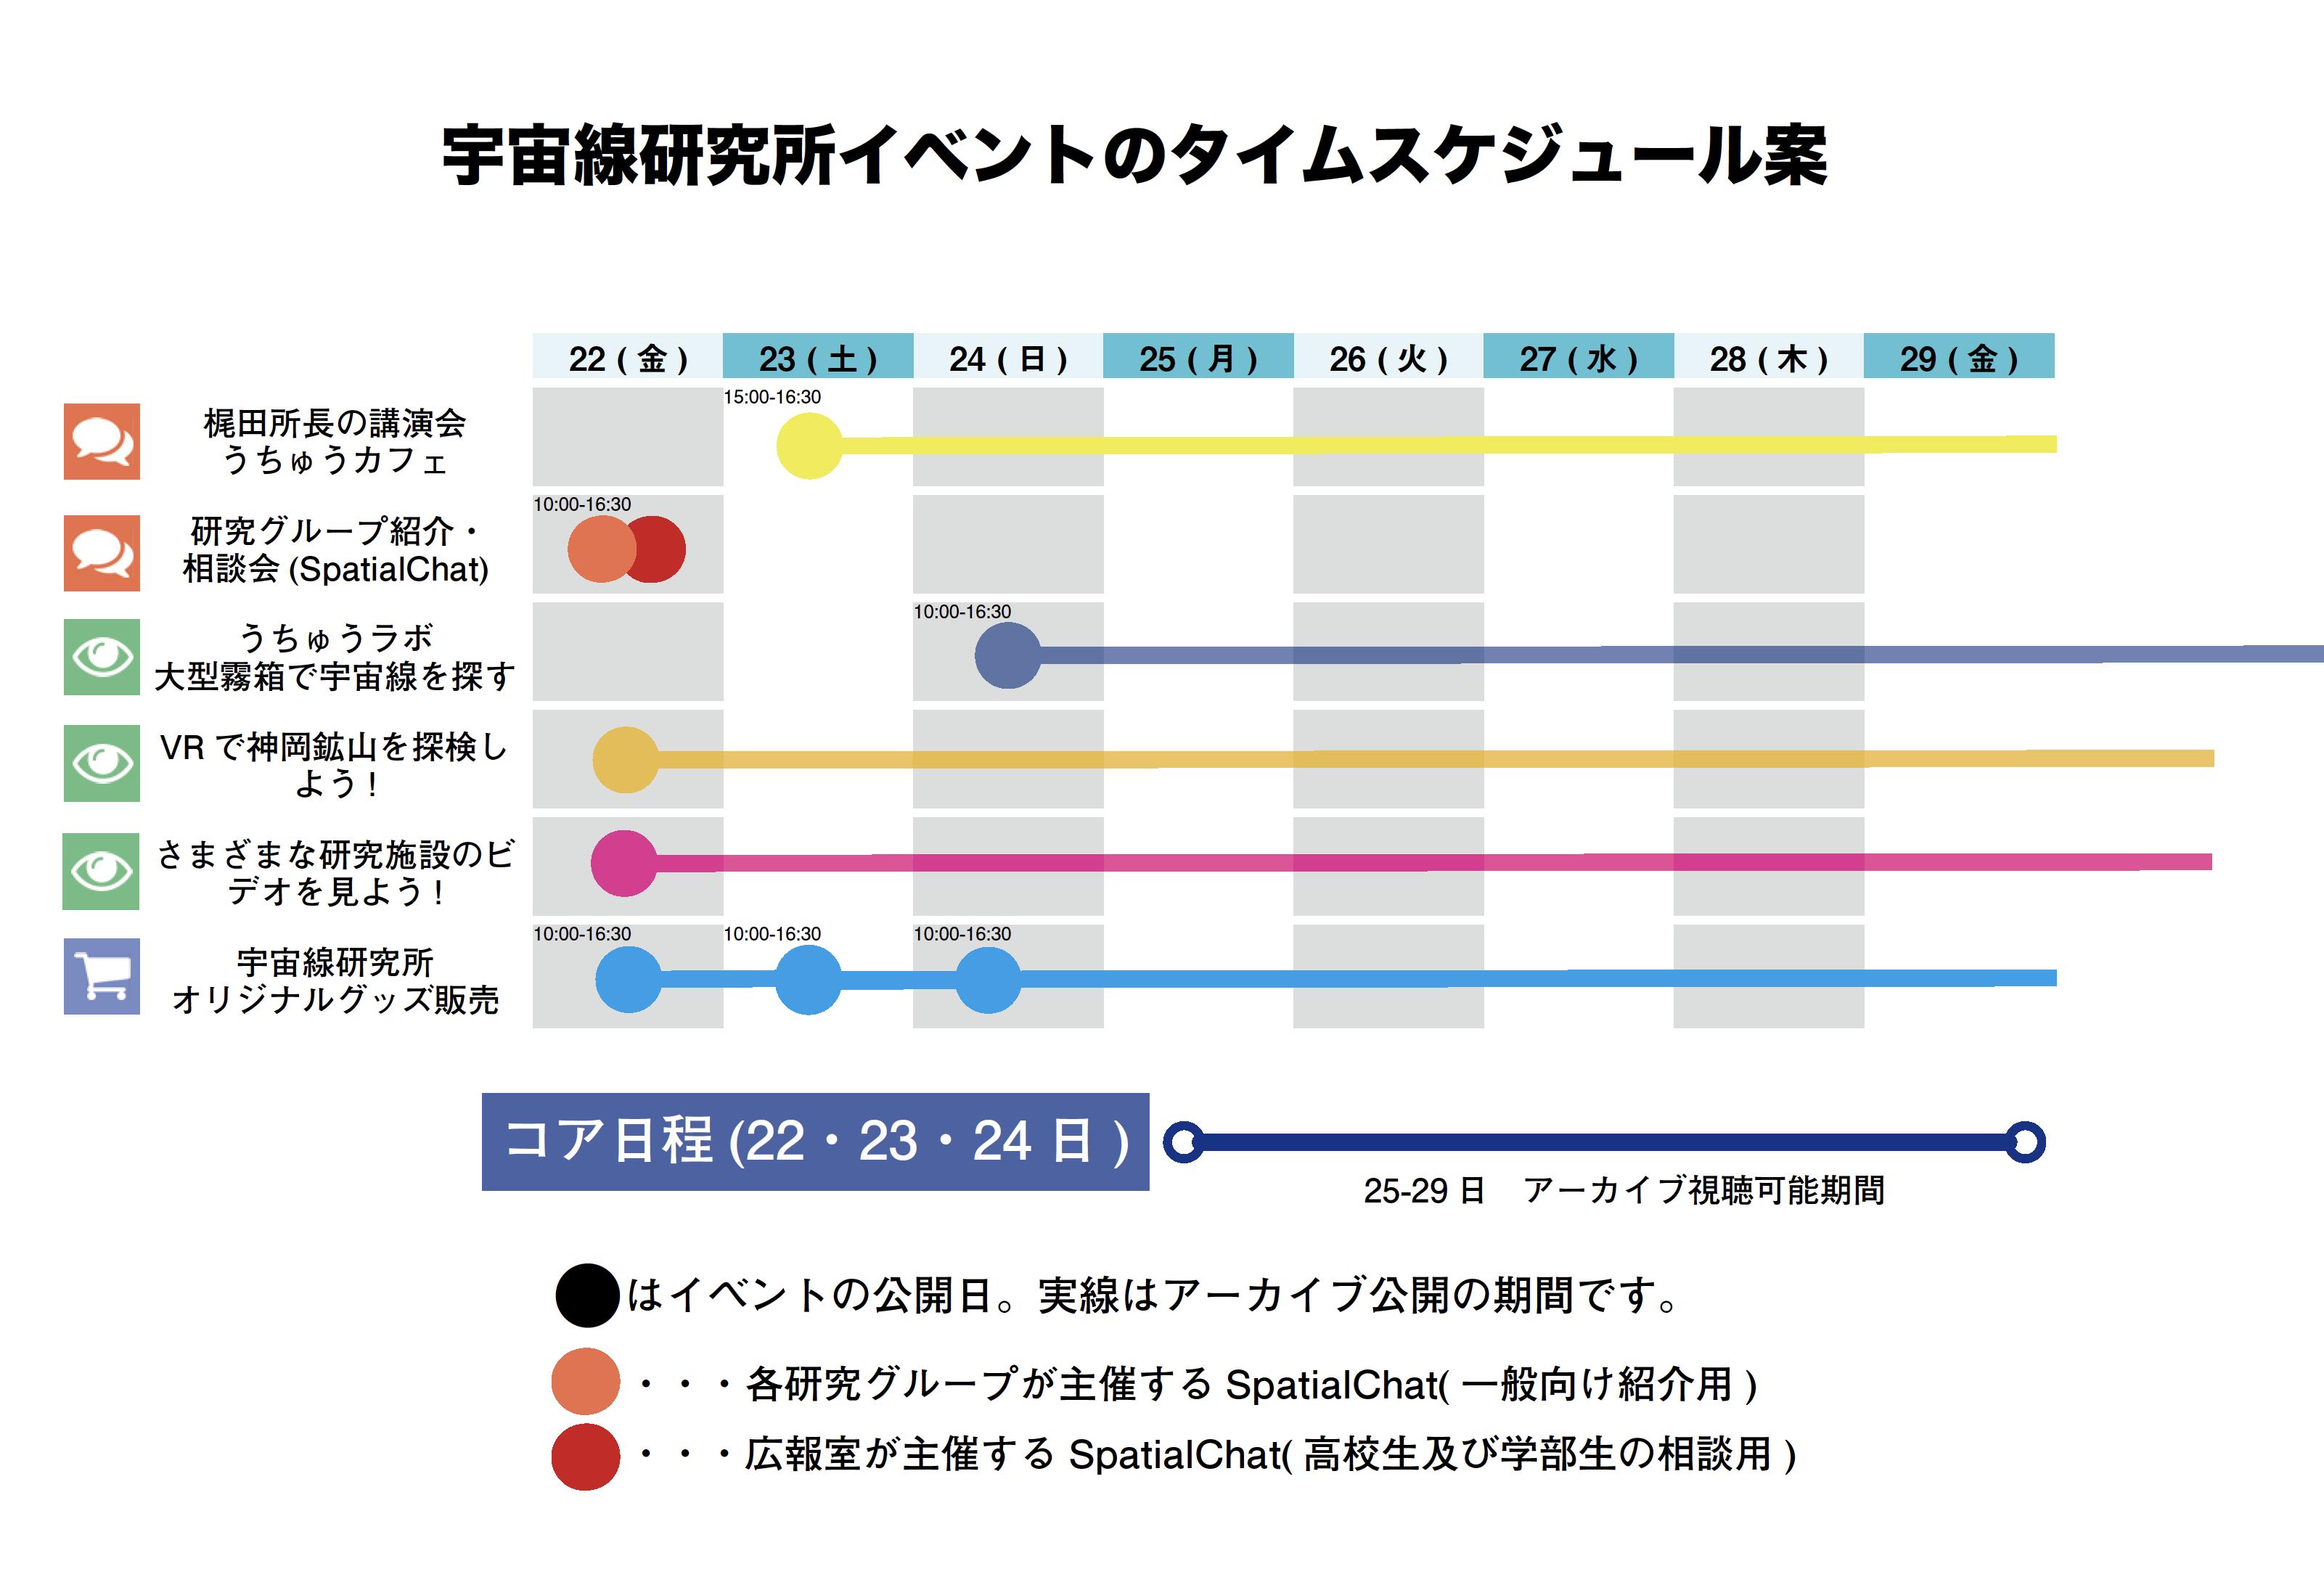 【10月22-29日】東京大学柏キャンパス オンライン一般公開2021